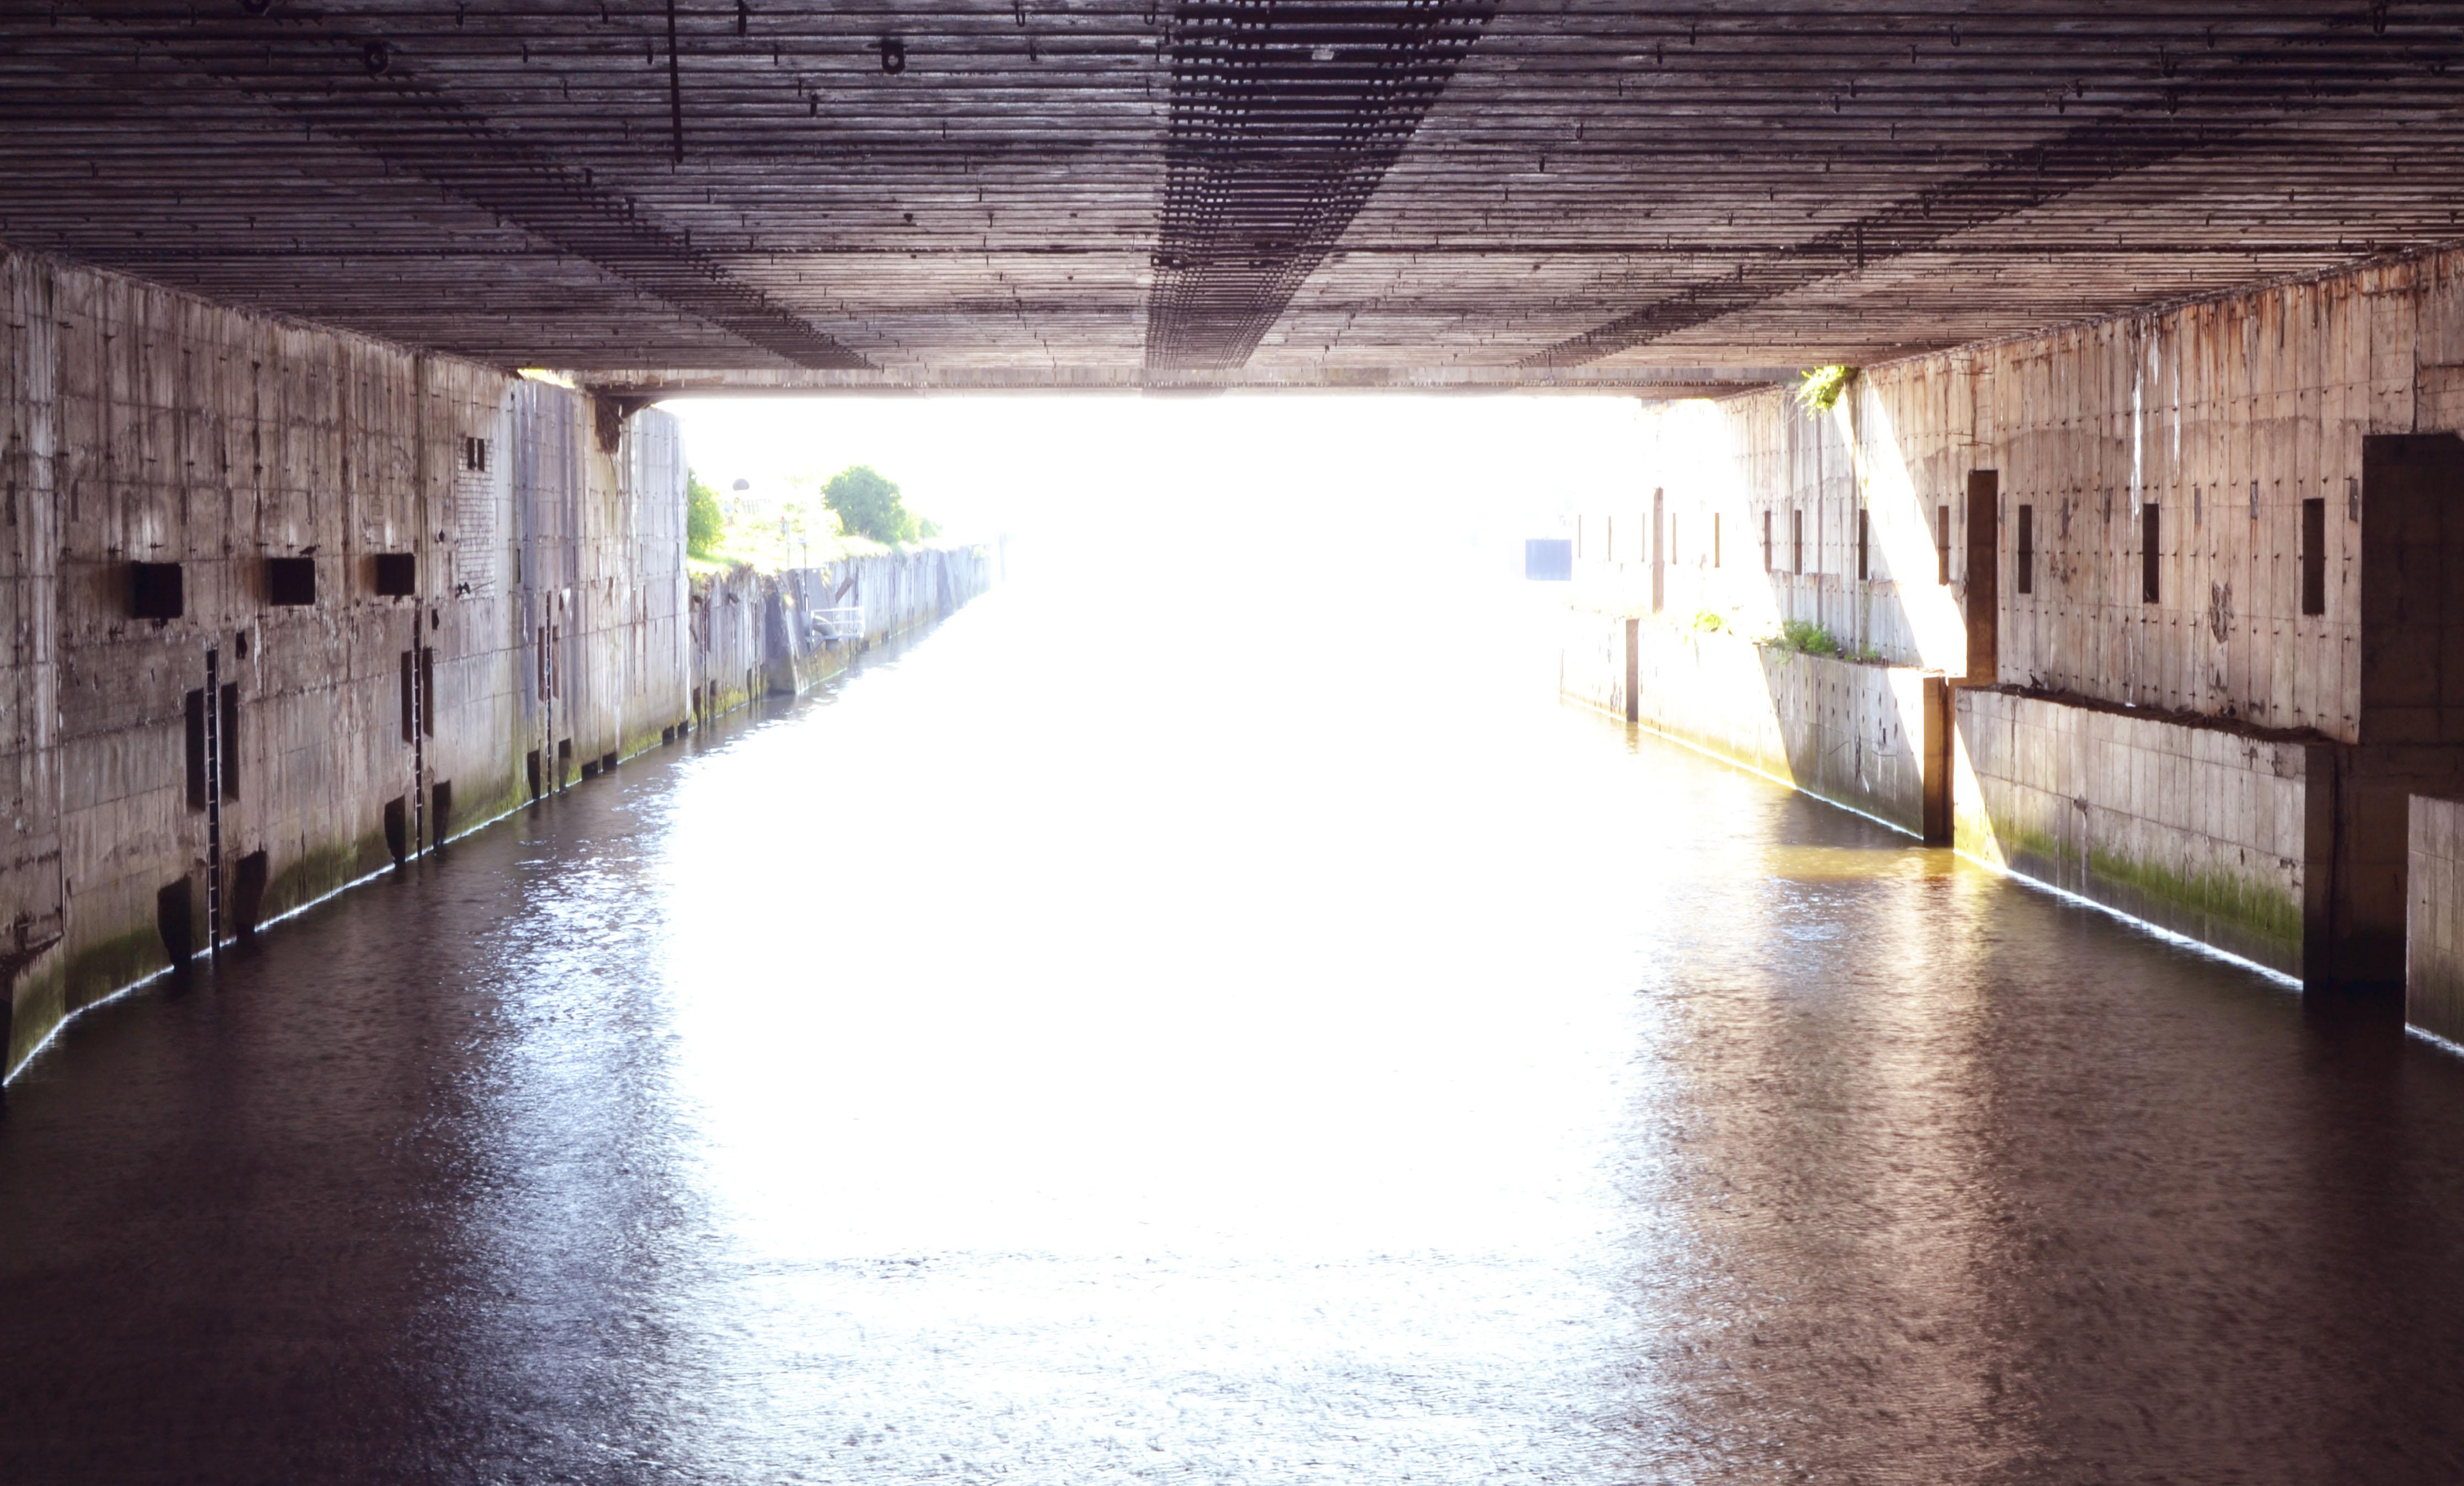 Innenansicht eines riesigen Betonbaus über einer Wasserfläche; Quelle: WFB/bremen.online - MDR